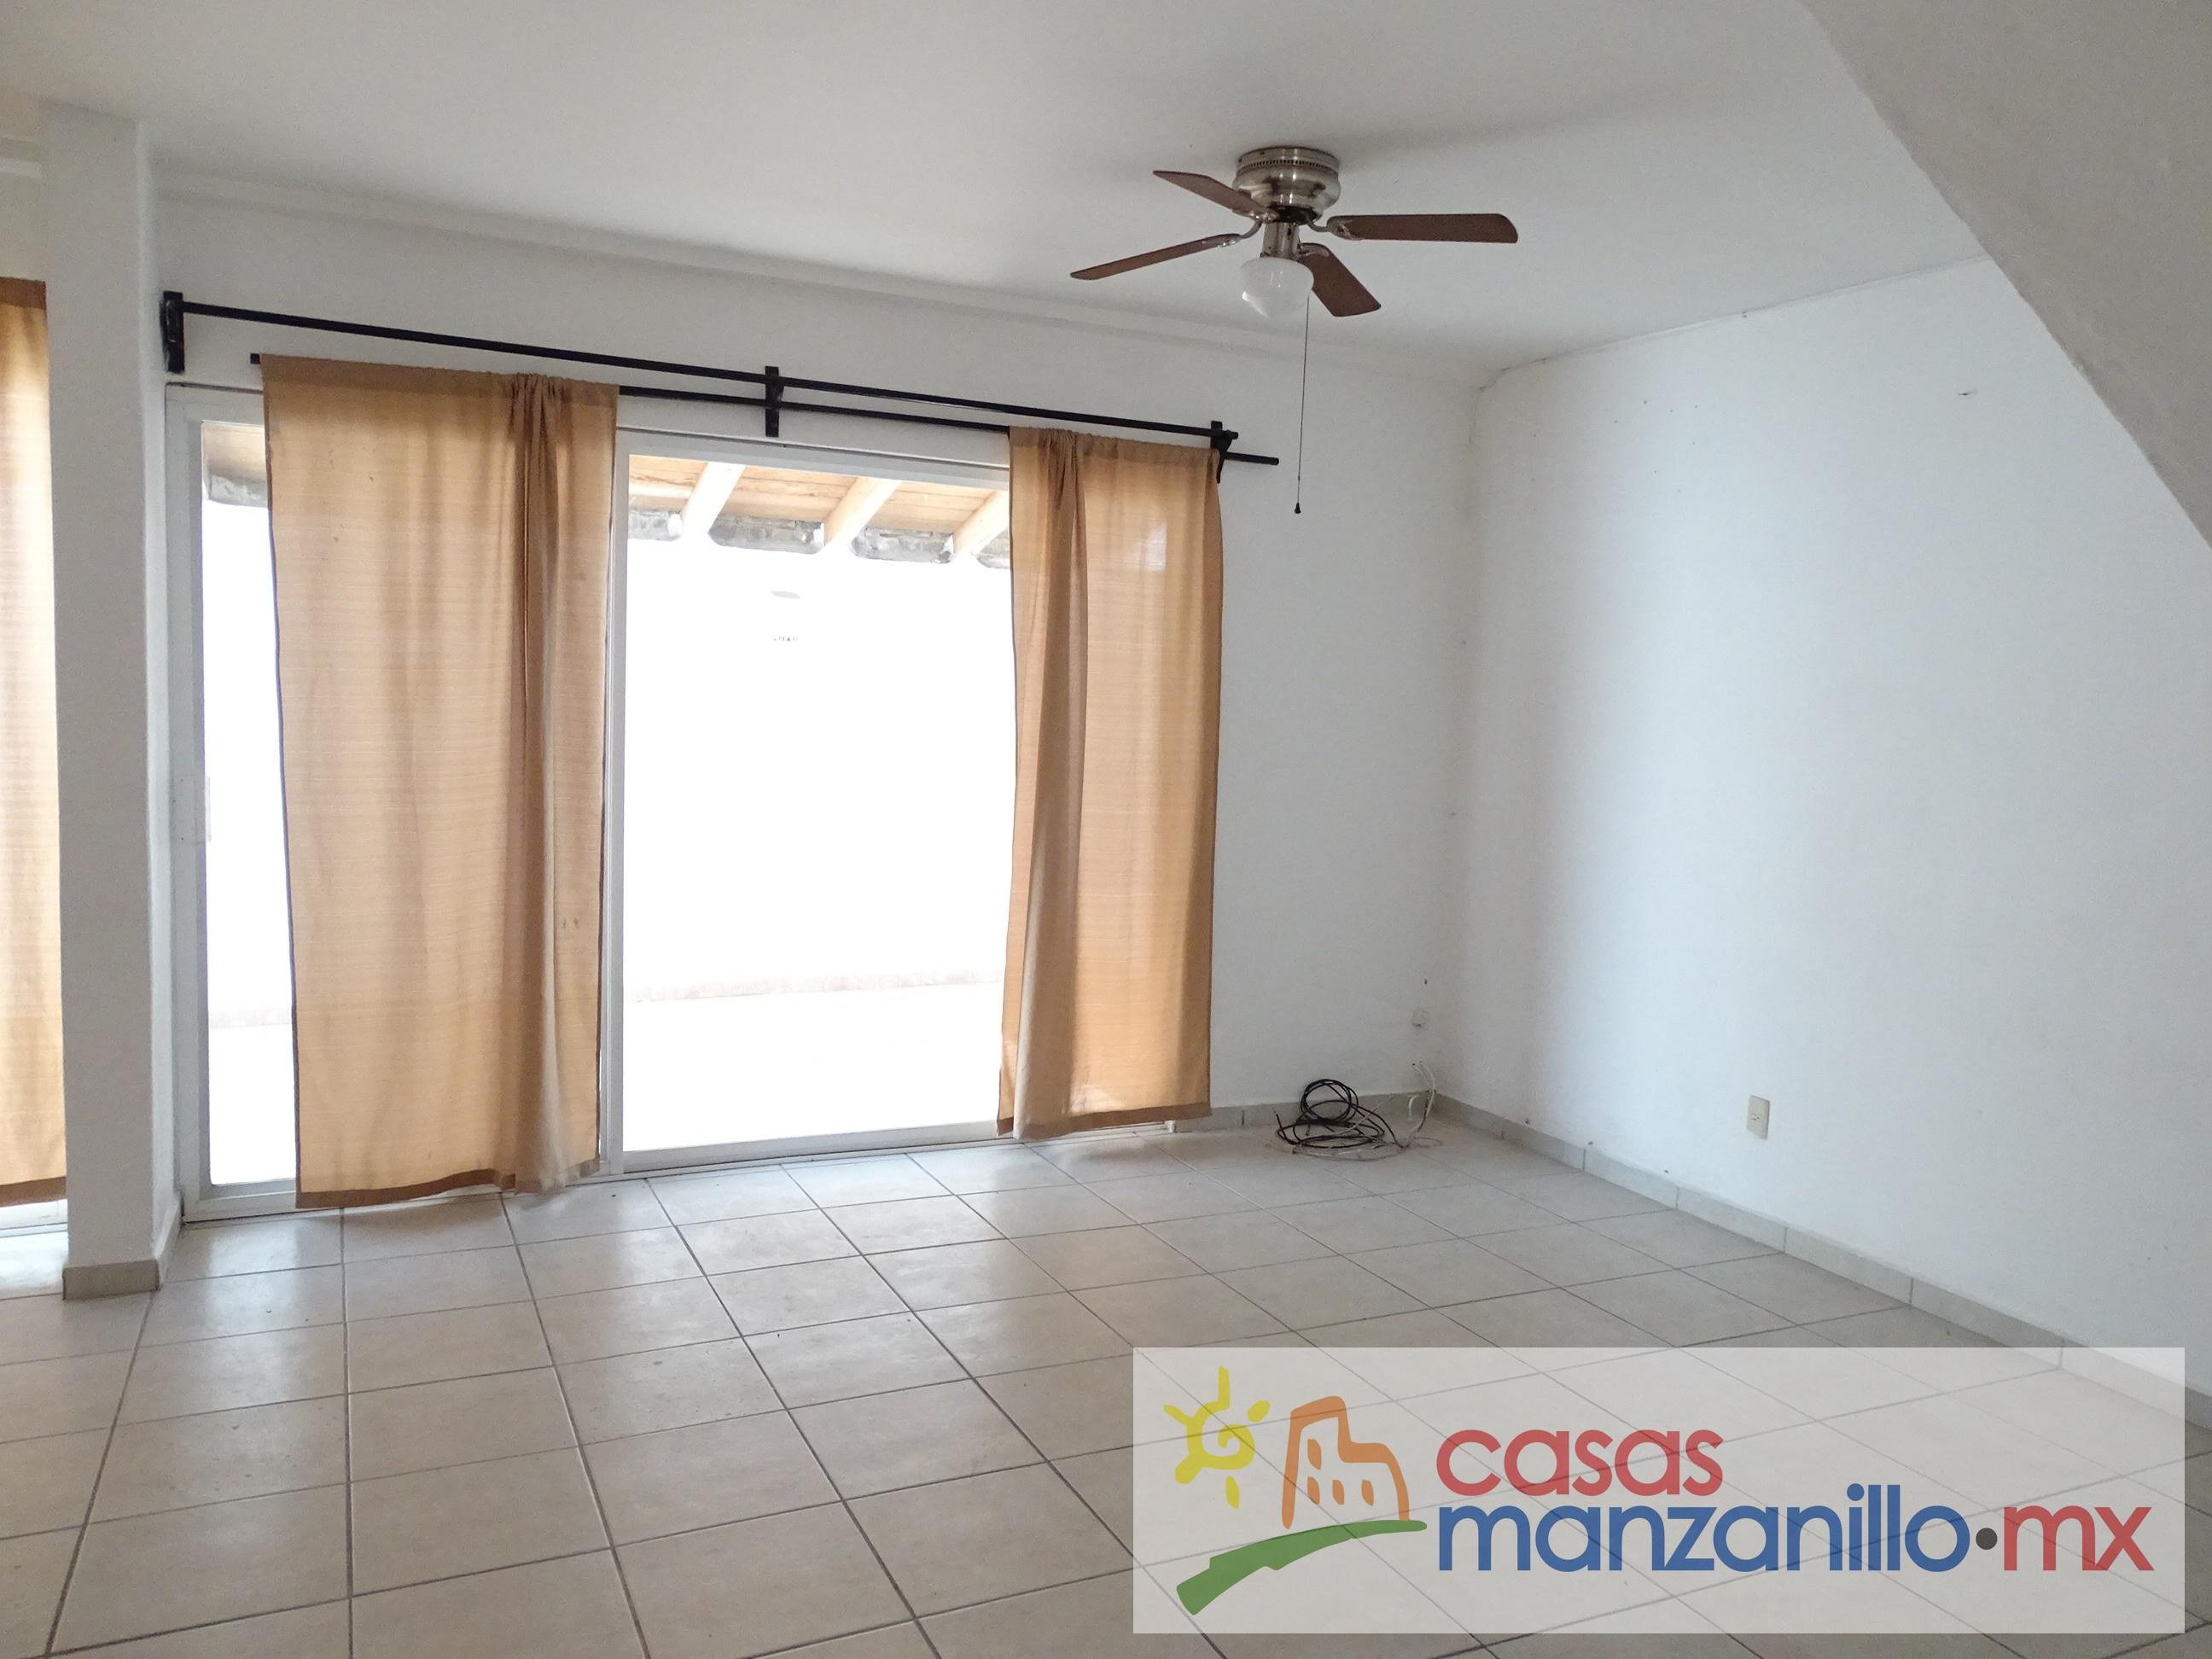 Casas RENTA Manzanillo - Almendros (5)